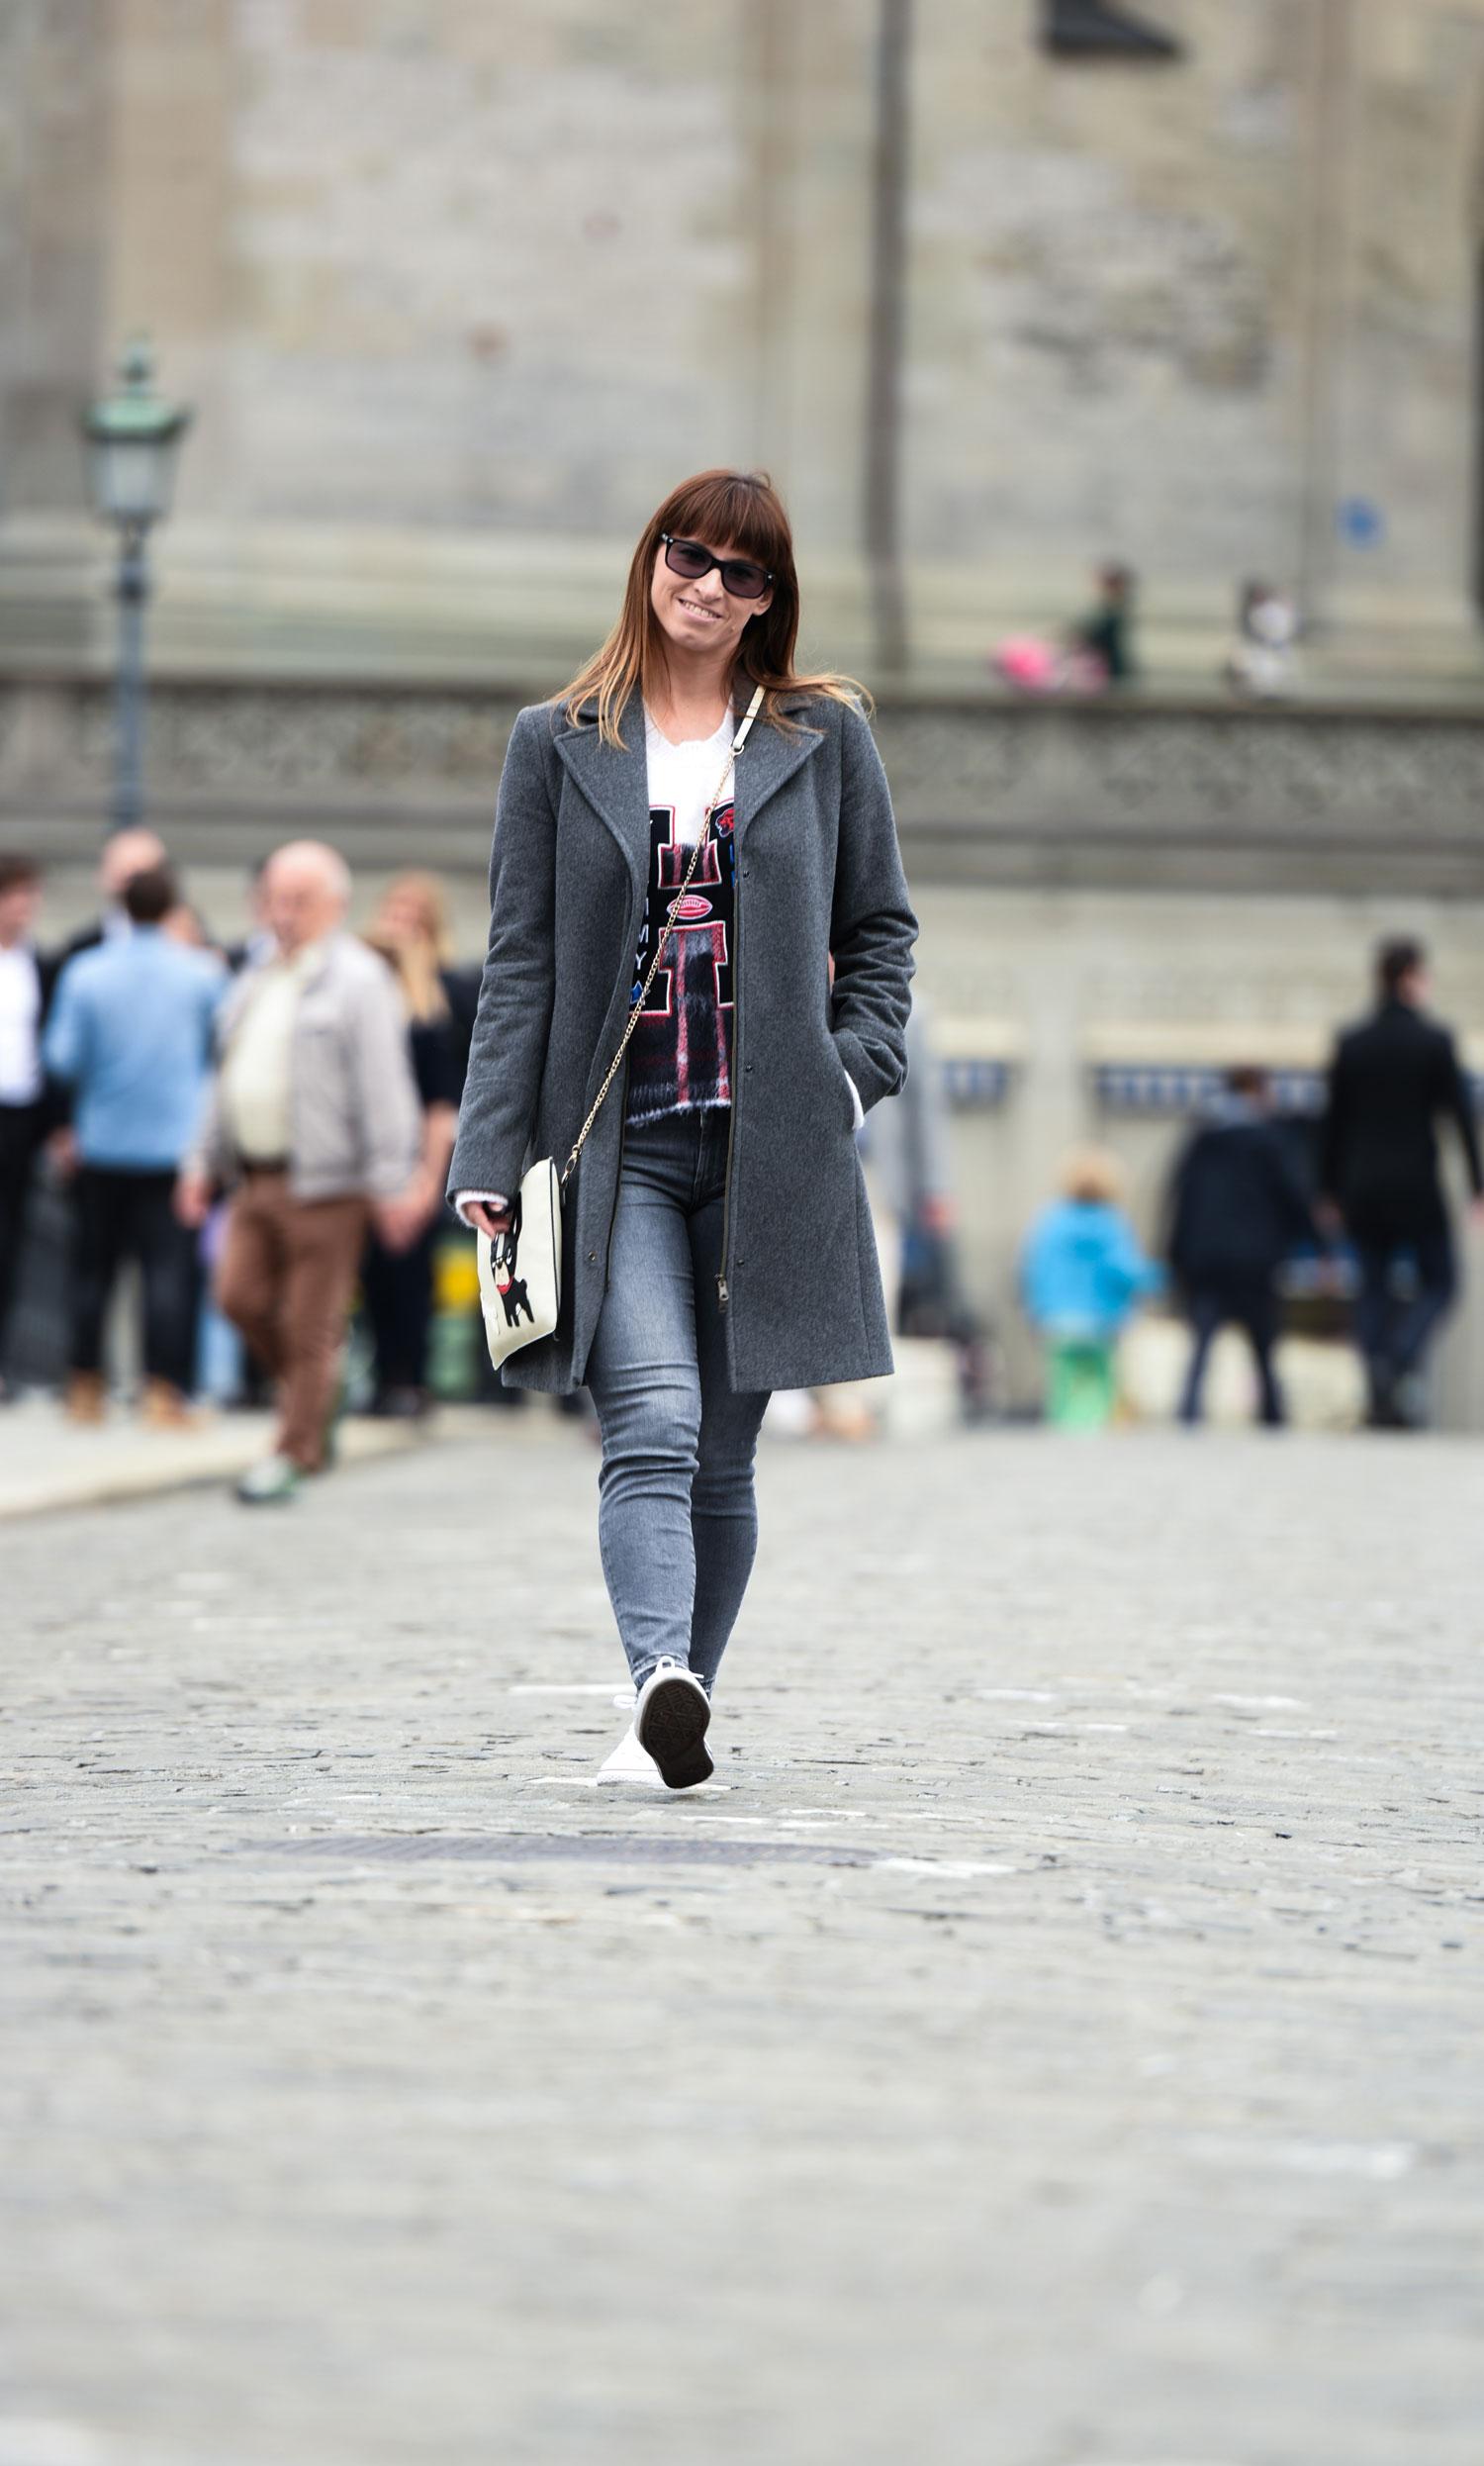 Übergangsoutfit: graue Slim Fit Jeans von Hugo Boss, Wollpullover von Tommy Hilfiger, Converse all stars, Wollmantel von Benetto